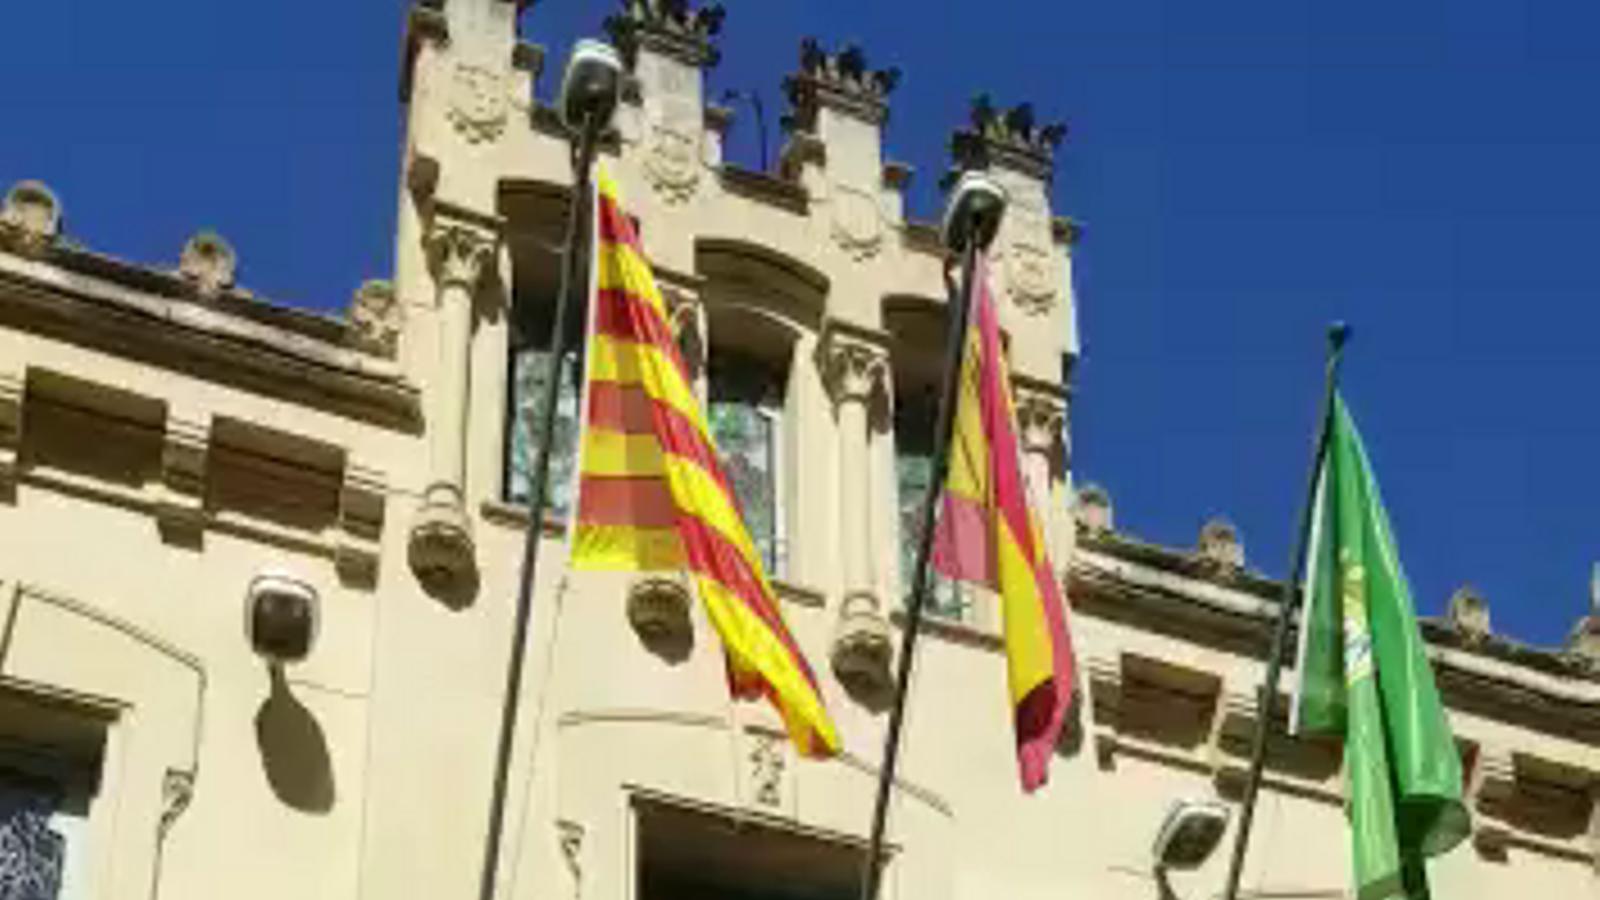 L'Ajuntament de Canet de Mar despenja la bandera espanyola